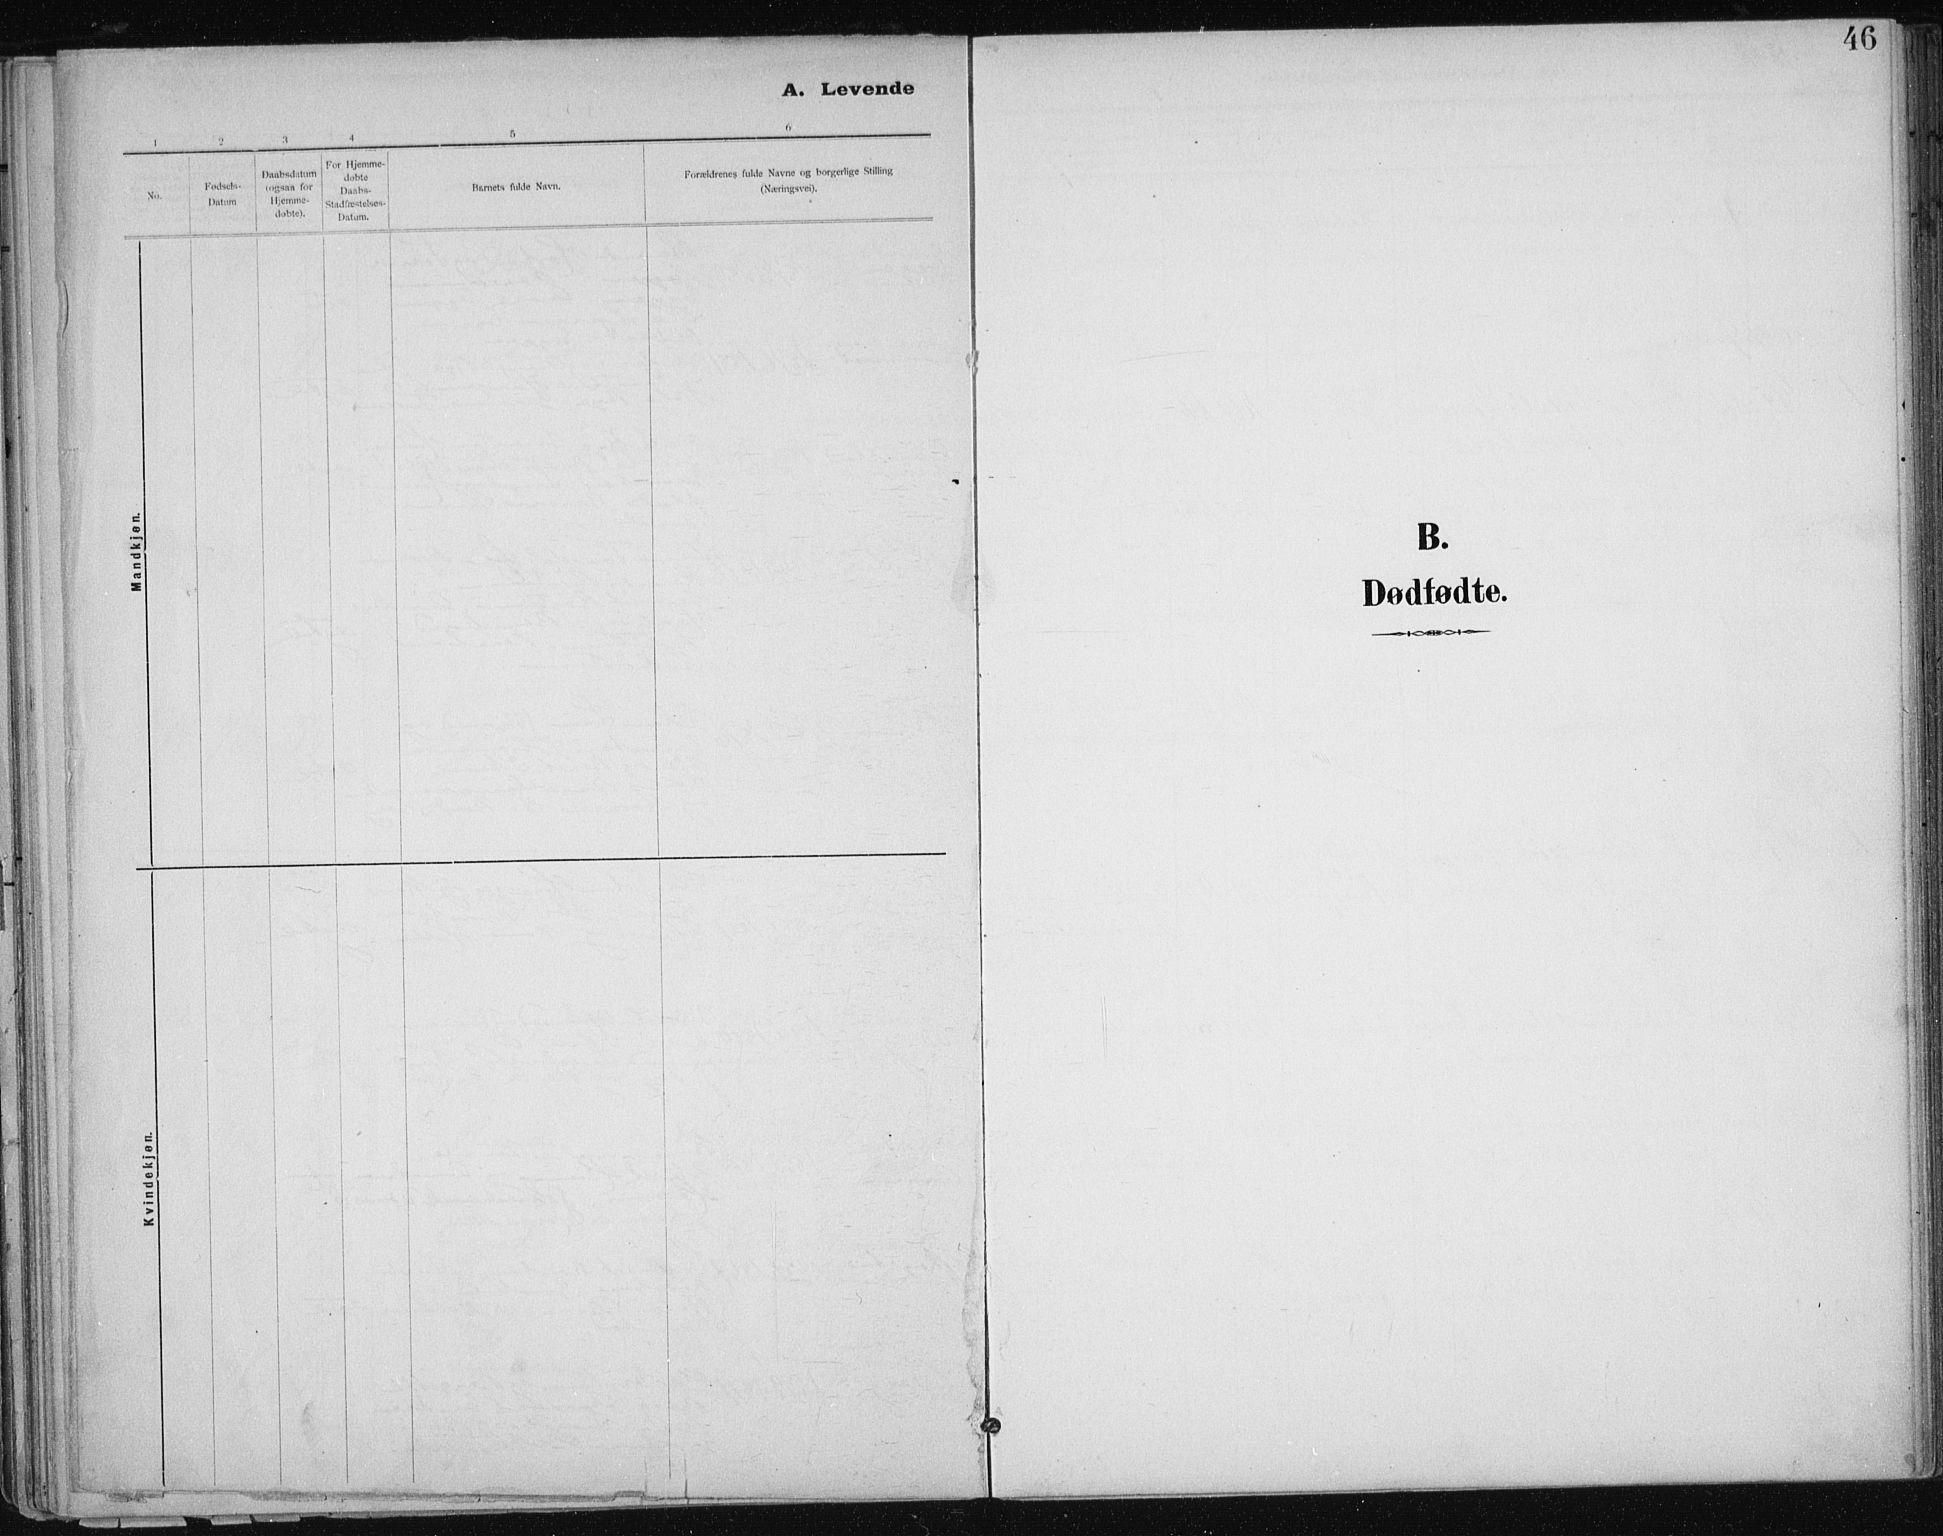 SAT, Ministerialprotokoller, klokkerbøker og fødselsregistre - Sør-Trøndelag, 612/L0380: Ministerialbok nr. 612A12, 1898-1907, s. 46